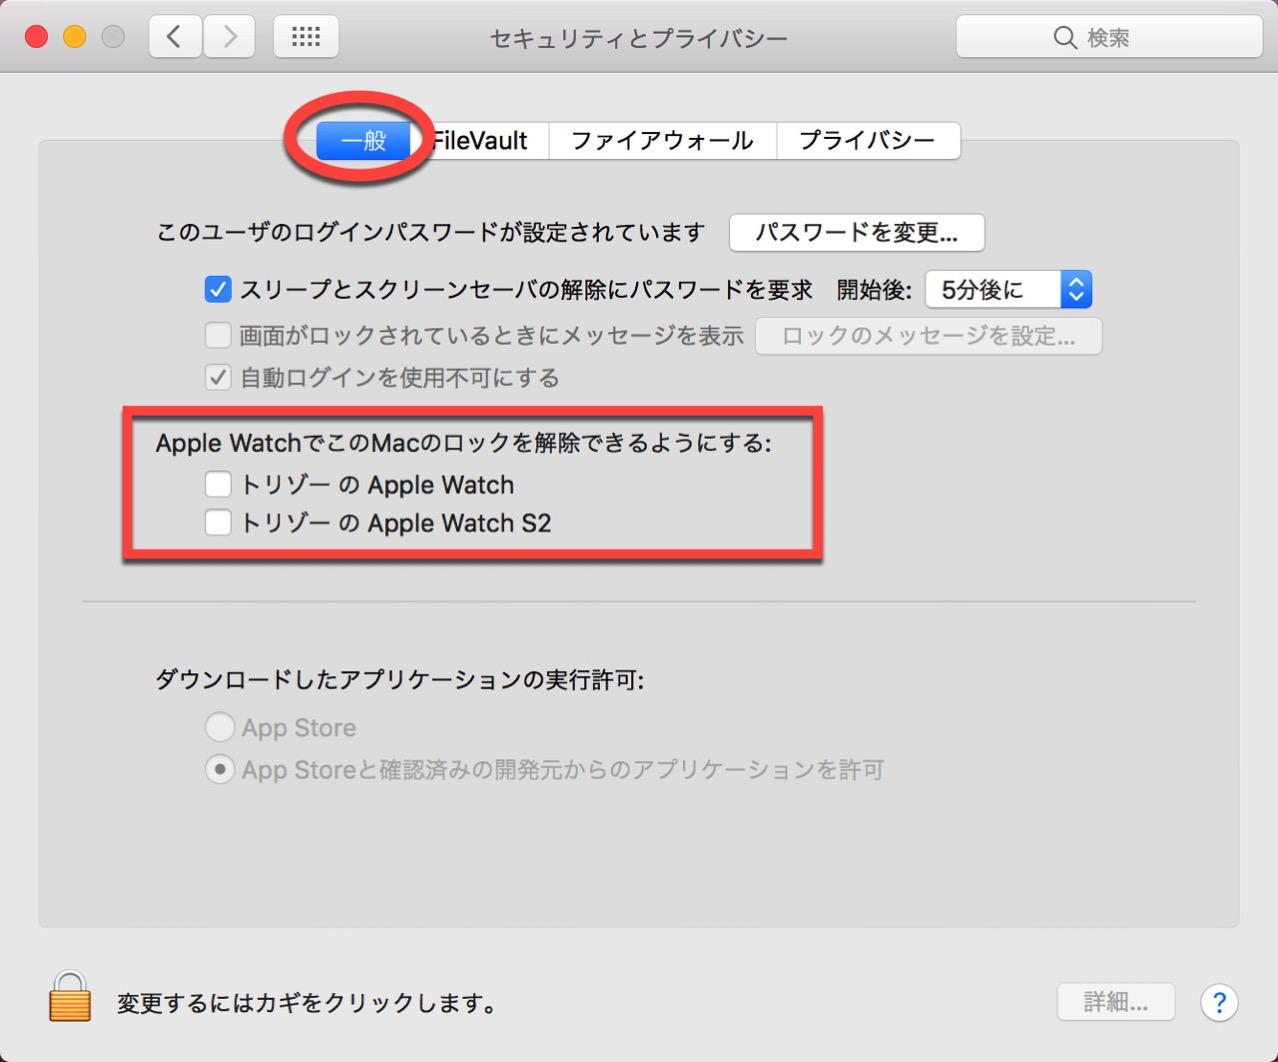 Apple WatchでこのMacのロックを解除できるようにする